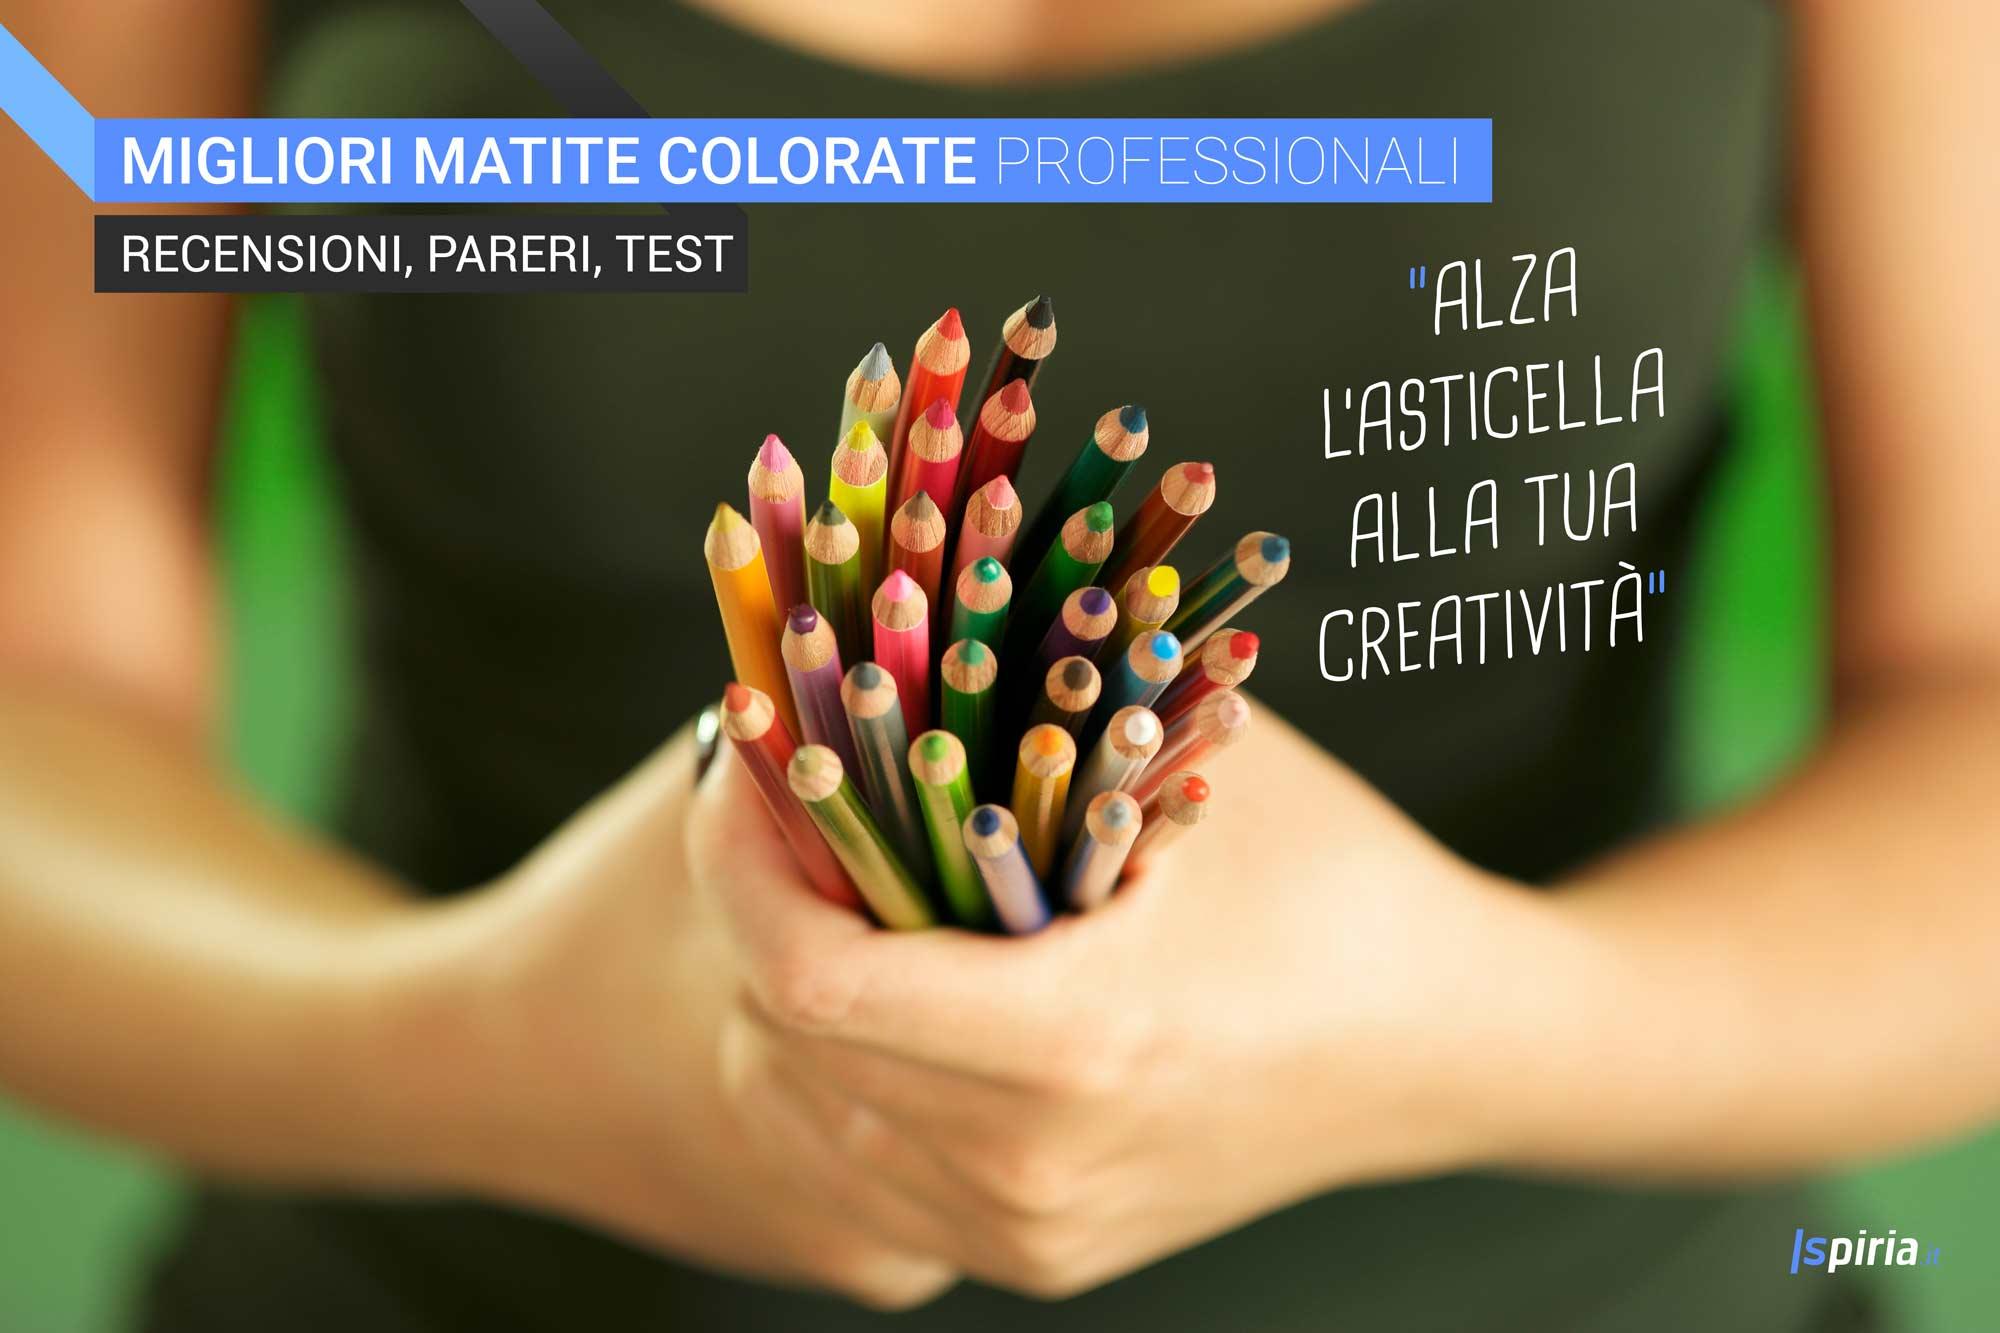 migliori-matite-colorate-professionali